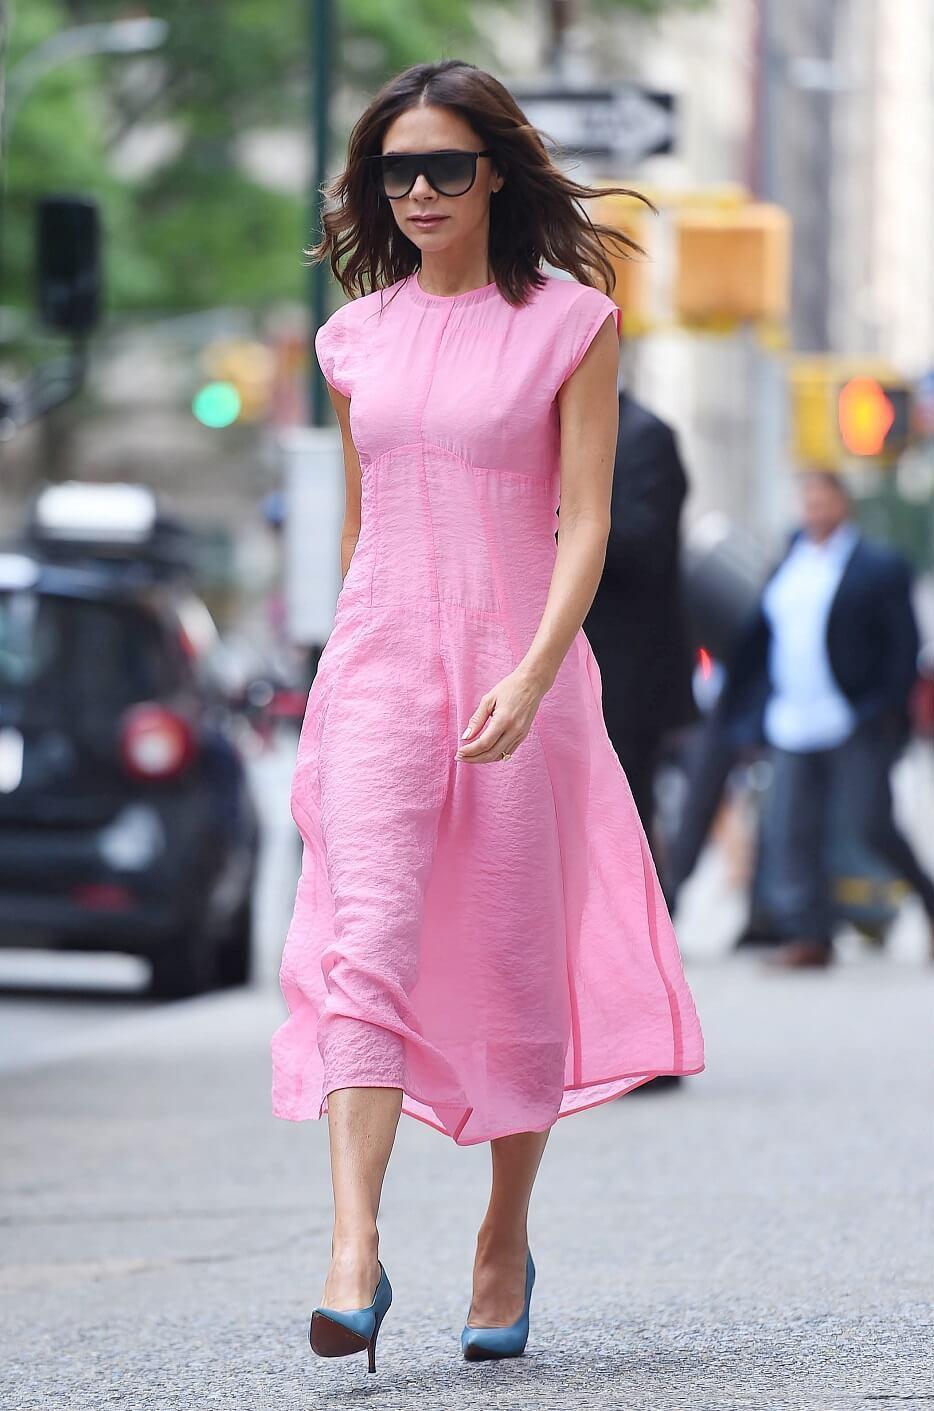 ヴィクトリア・ベッカムの私服ファッション写真(ピンクのドレス)